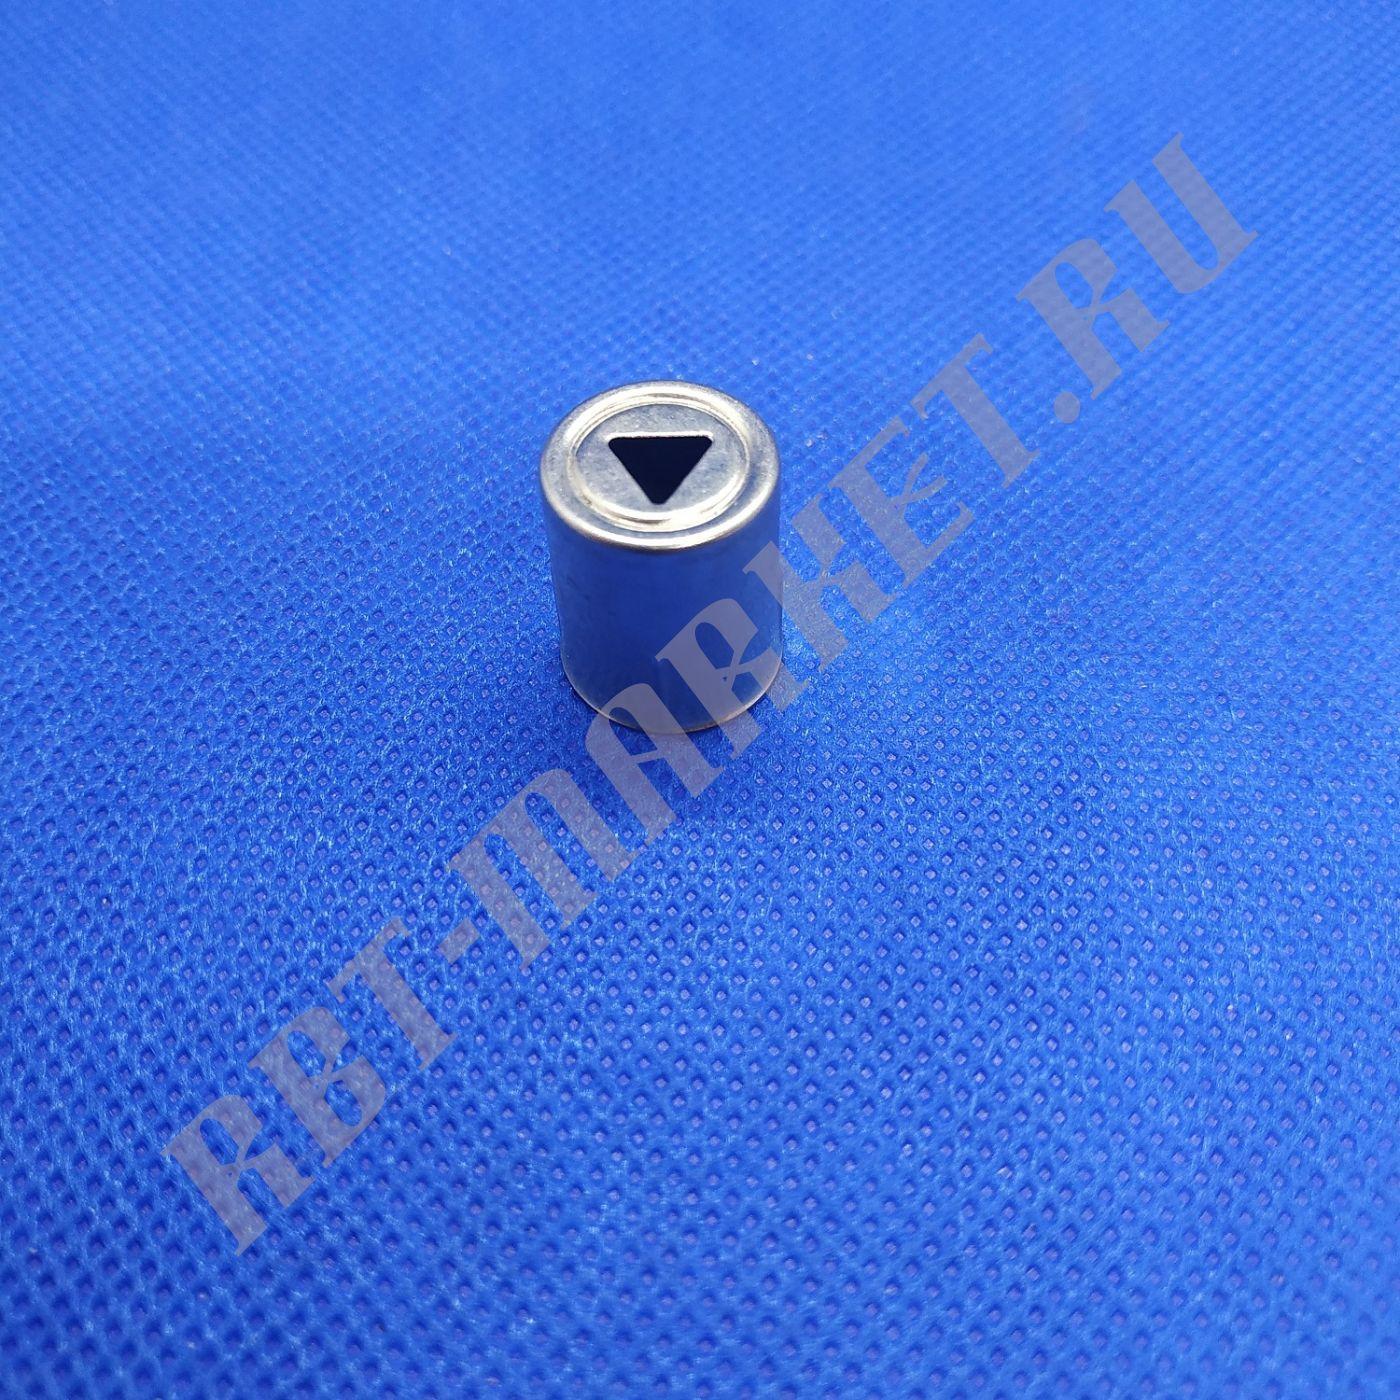 Колпачок магнетрона для микроволновой печи (СВЧ) 345673236